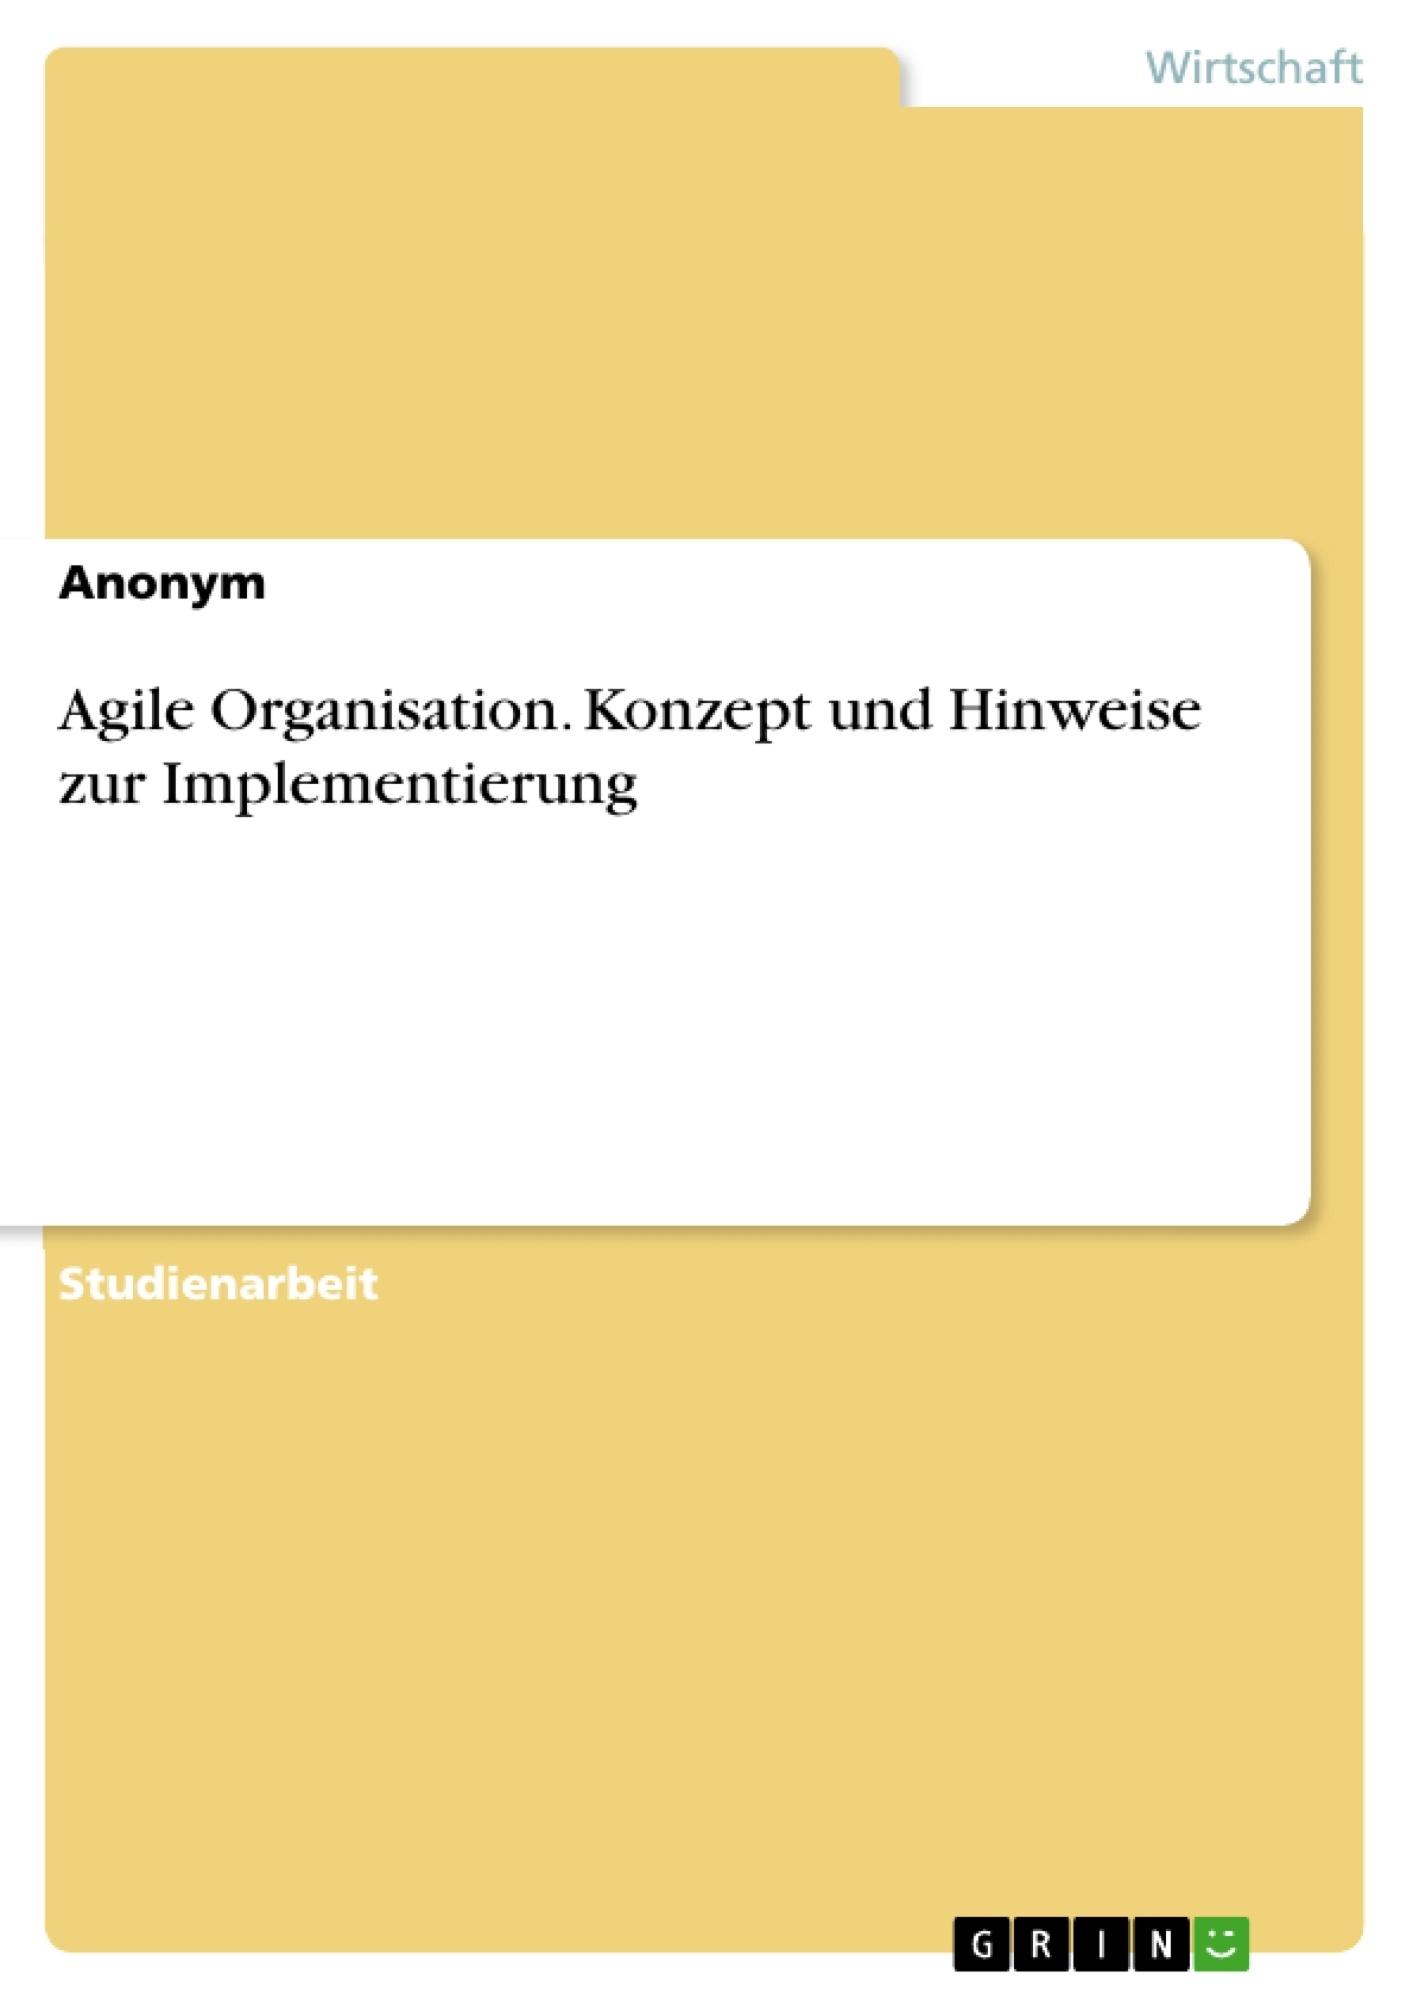 Titel: Agile Organisation. Konzept und Hinweise zur Implementierung